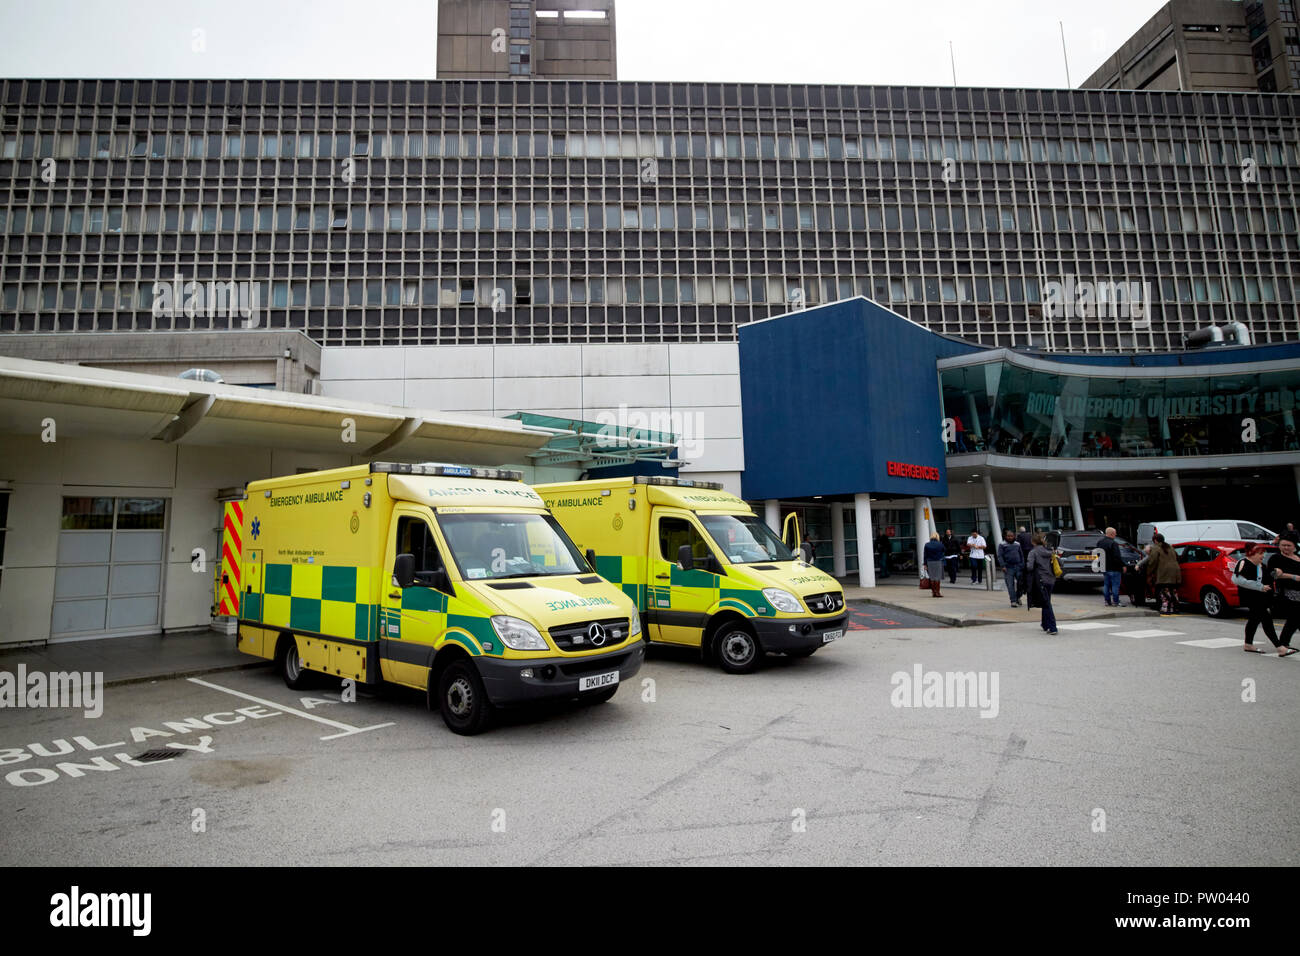 El edificio del Hospital Universitario Royal Liverpool Liverpool Merseyside England Reino Unido Foto de stock